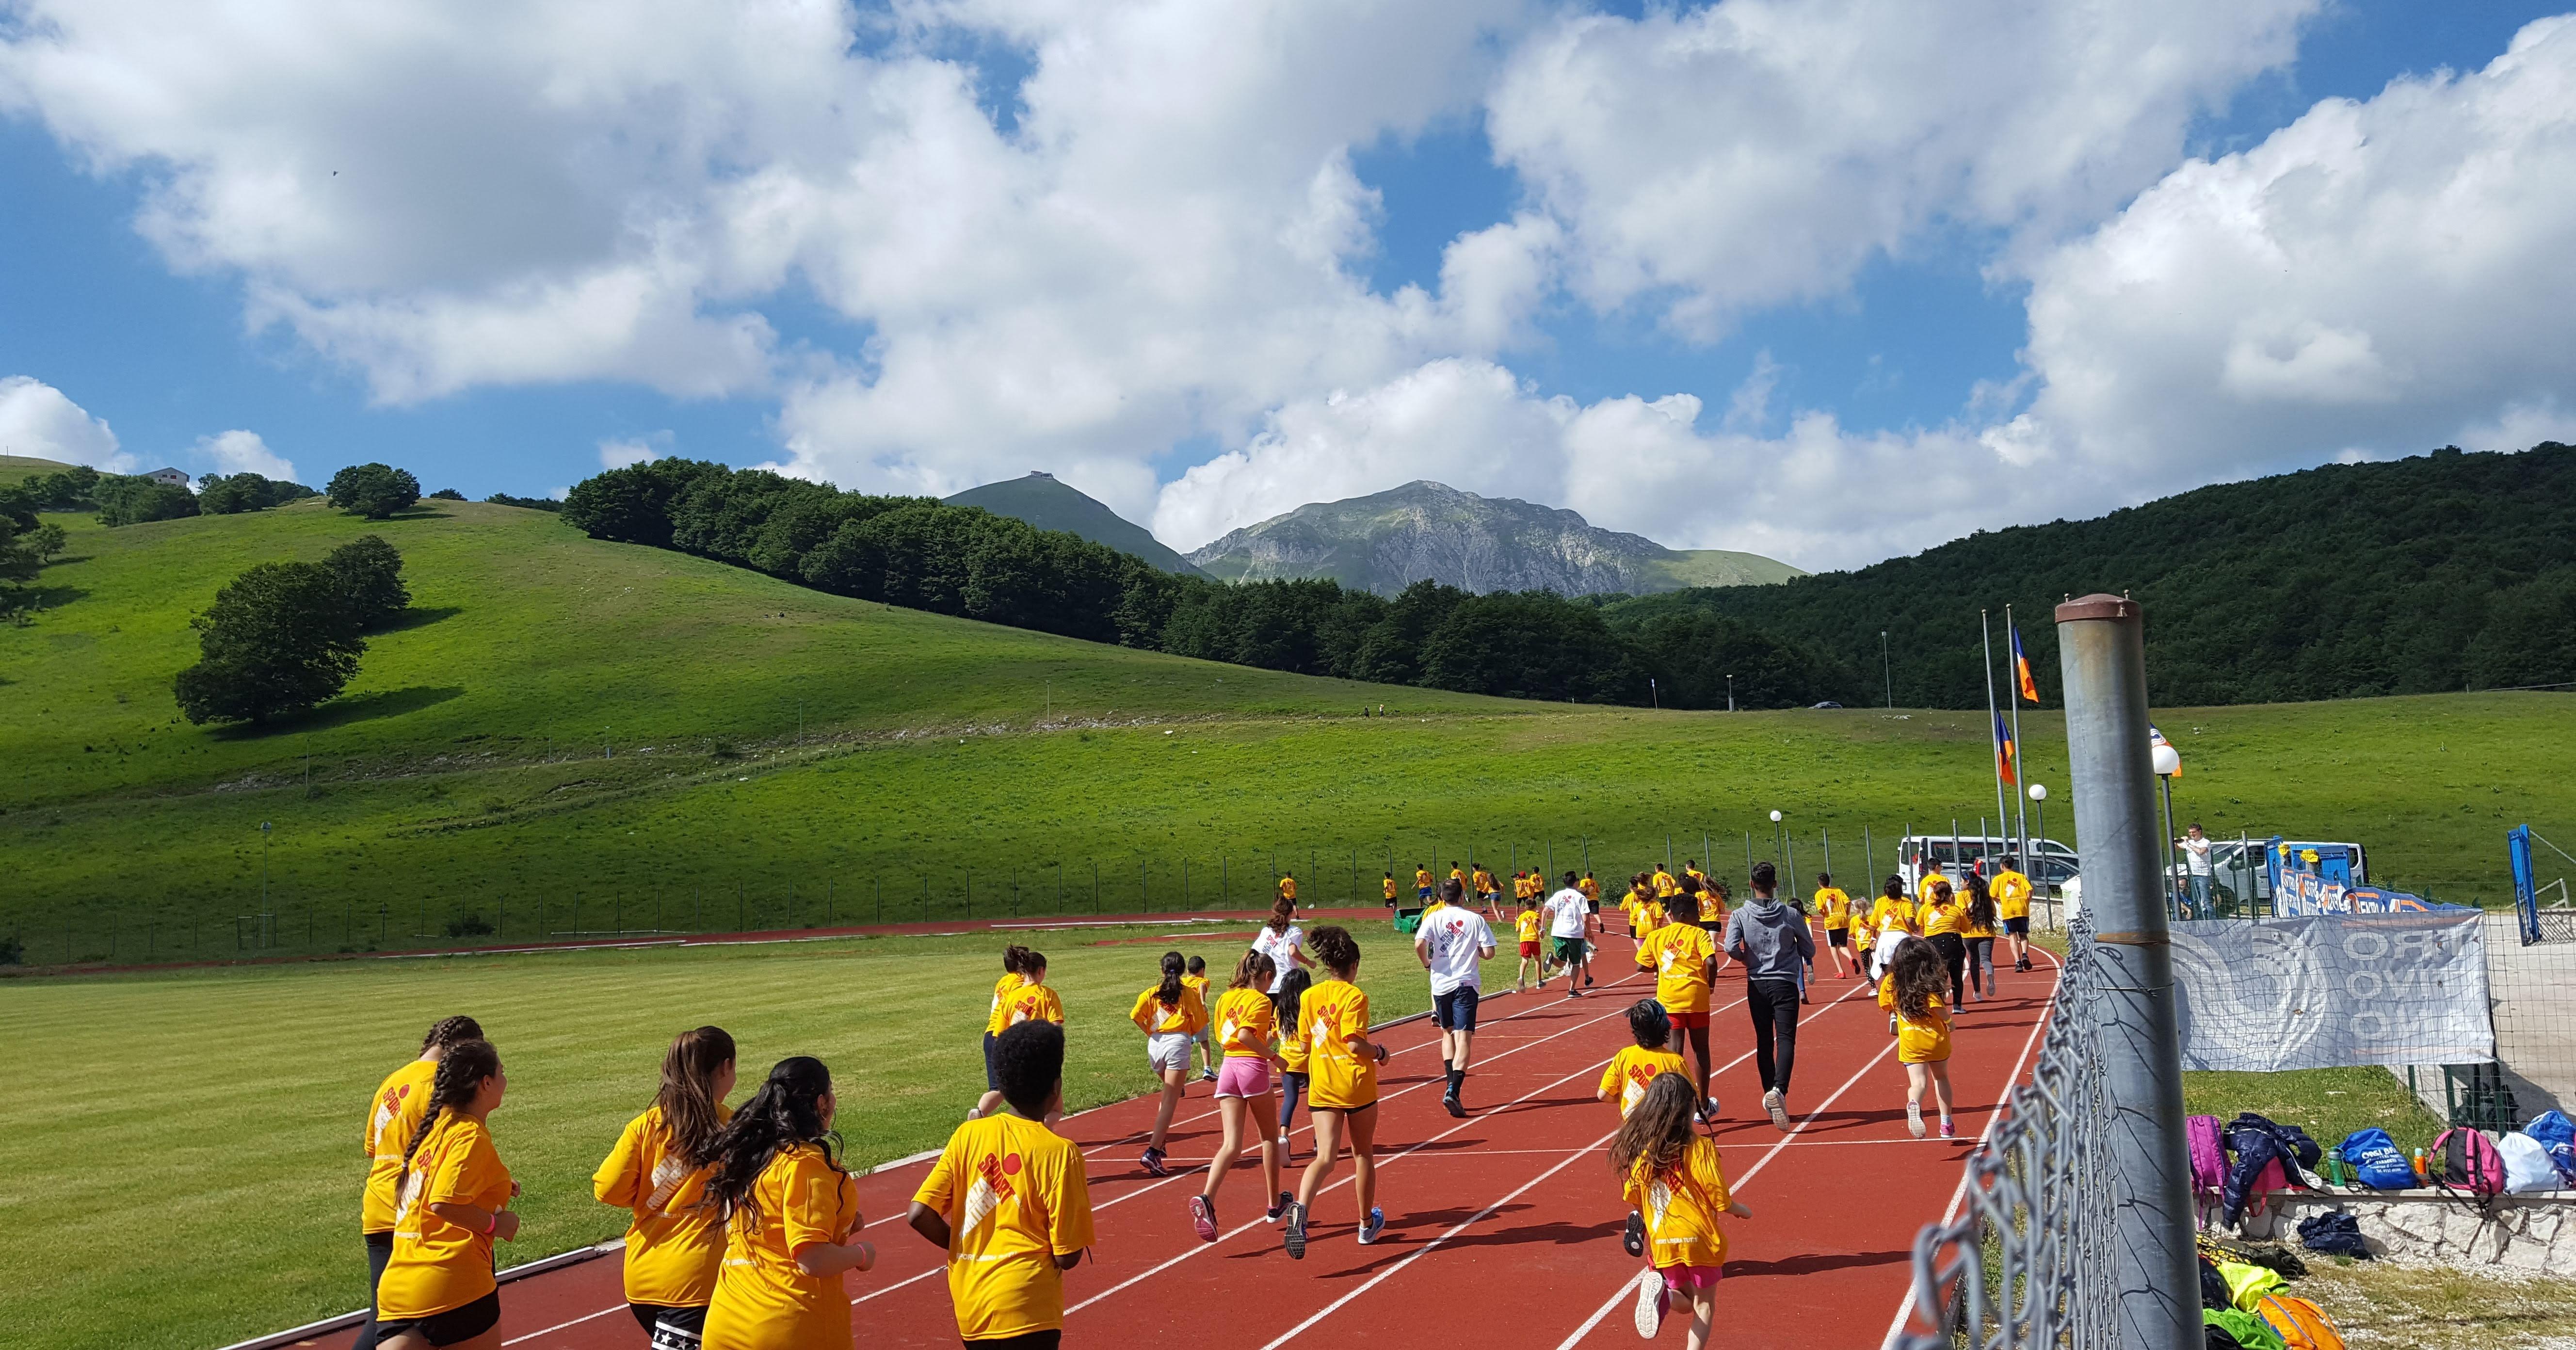 Di corsa per il Joy Summer Camp!-OLSA INFORMATICA SPA